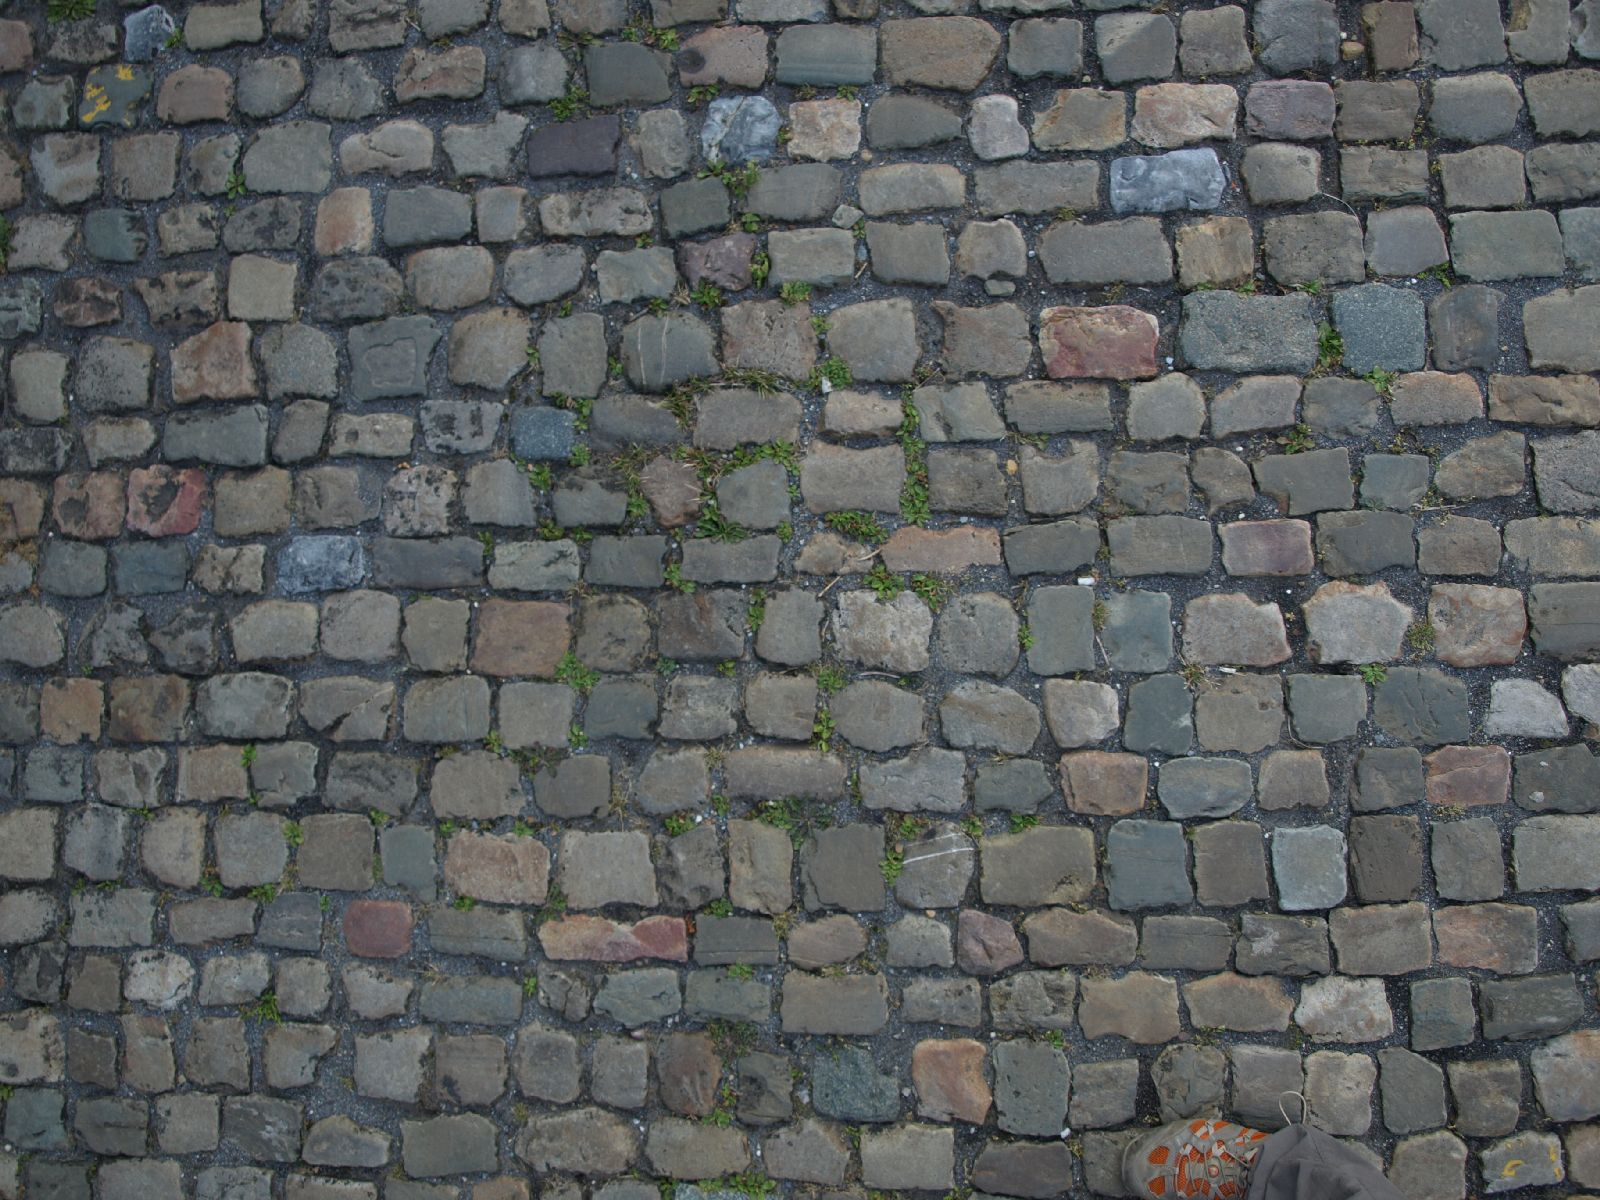 Ground-Urban_Texture_A_P8164375